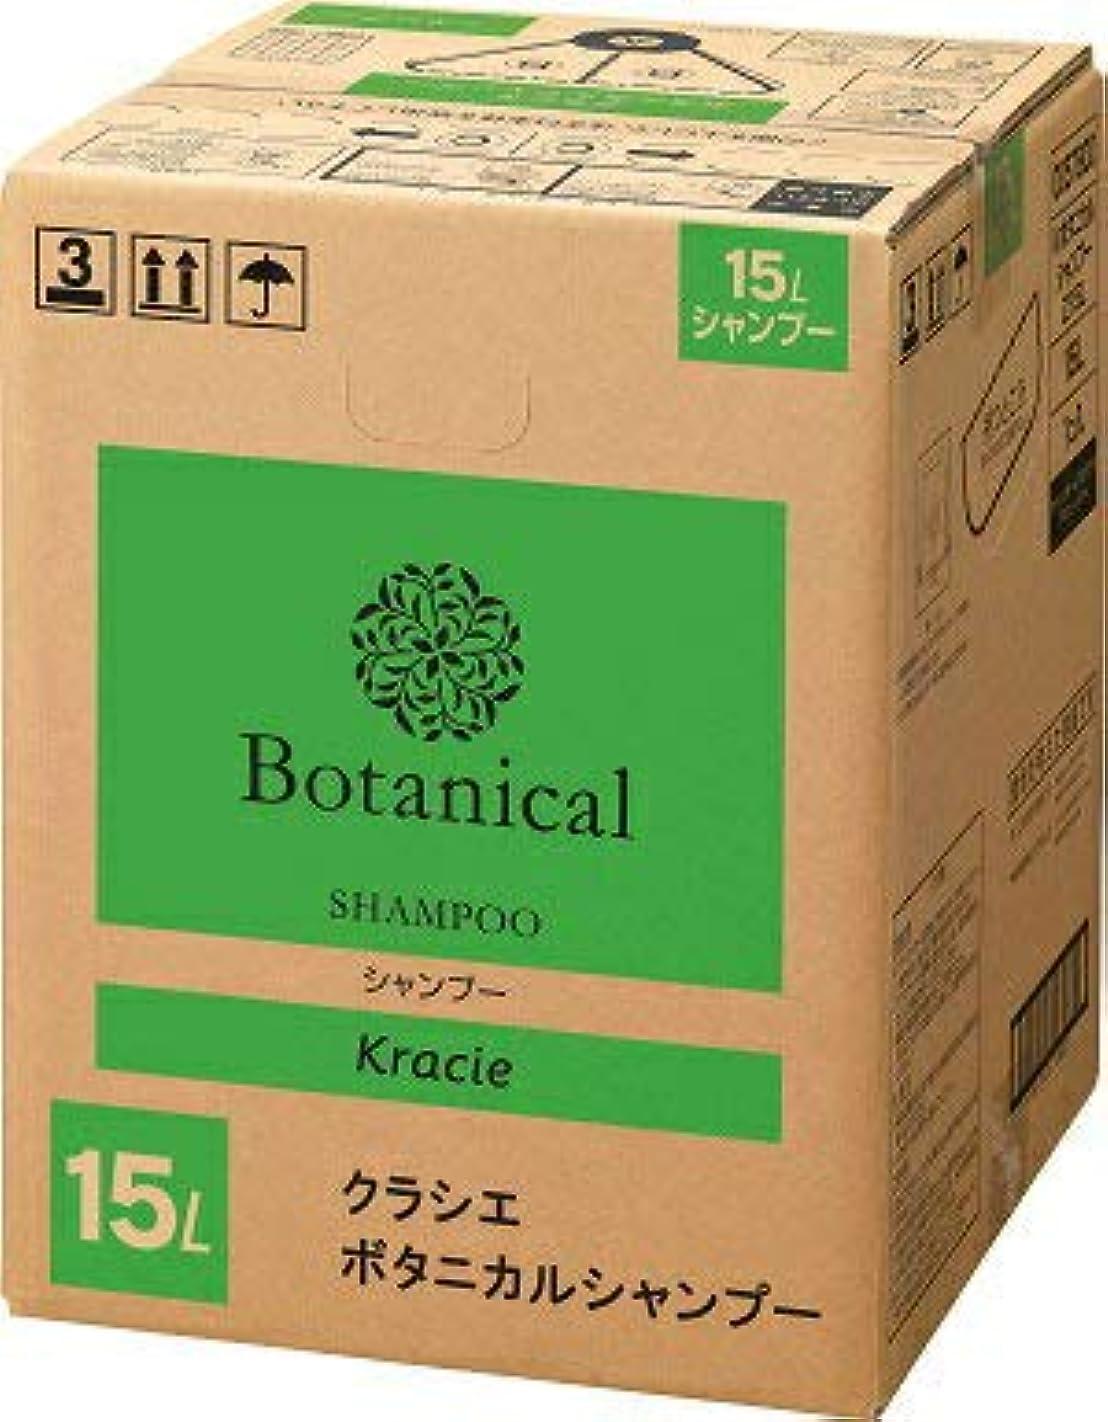 パキスタン人かみそりトロイの木馬Kracie クラシエ Botanical ボタニカル シャンプー 15L 詰め替え 業務用